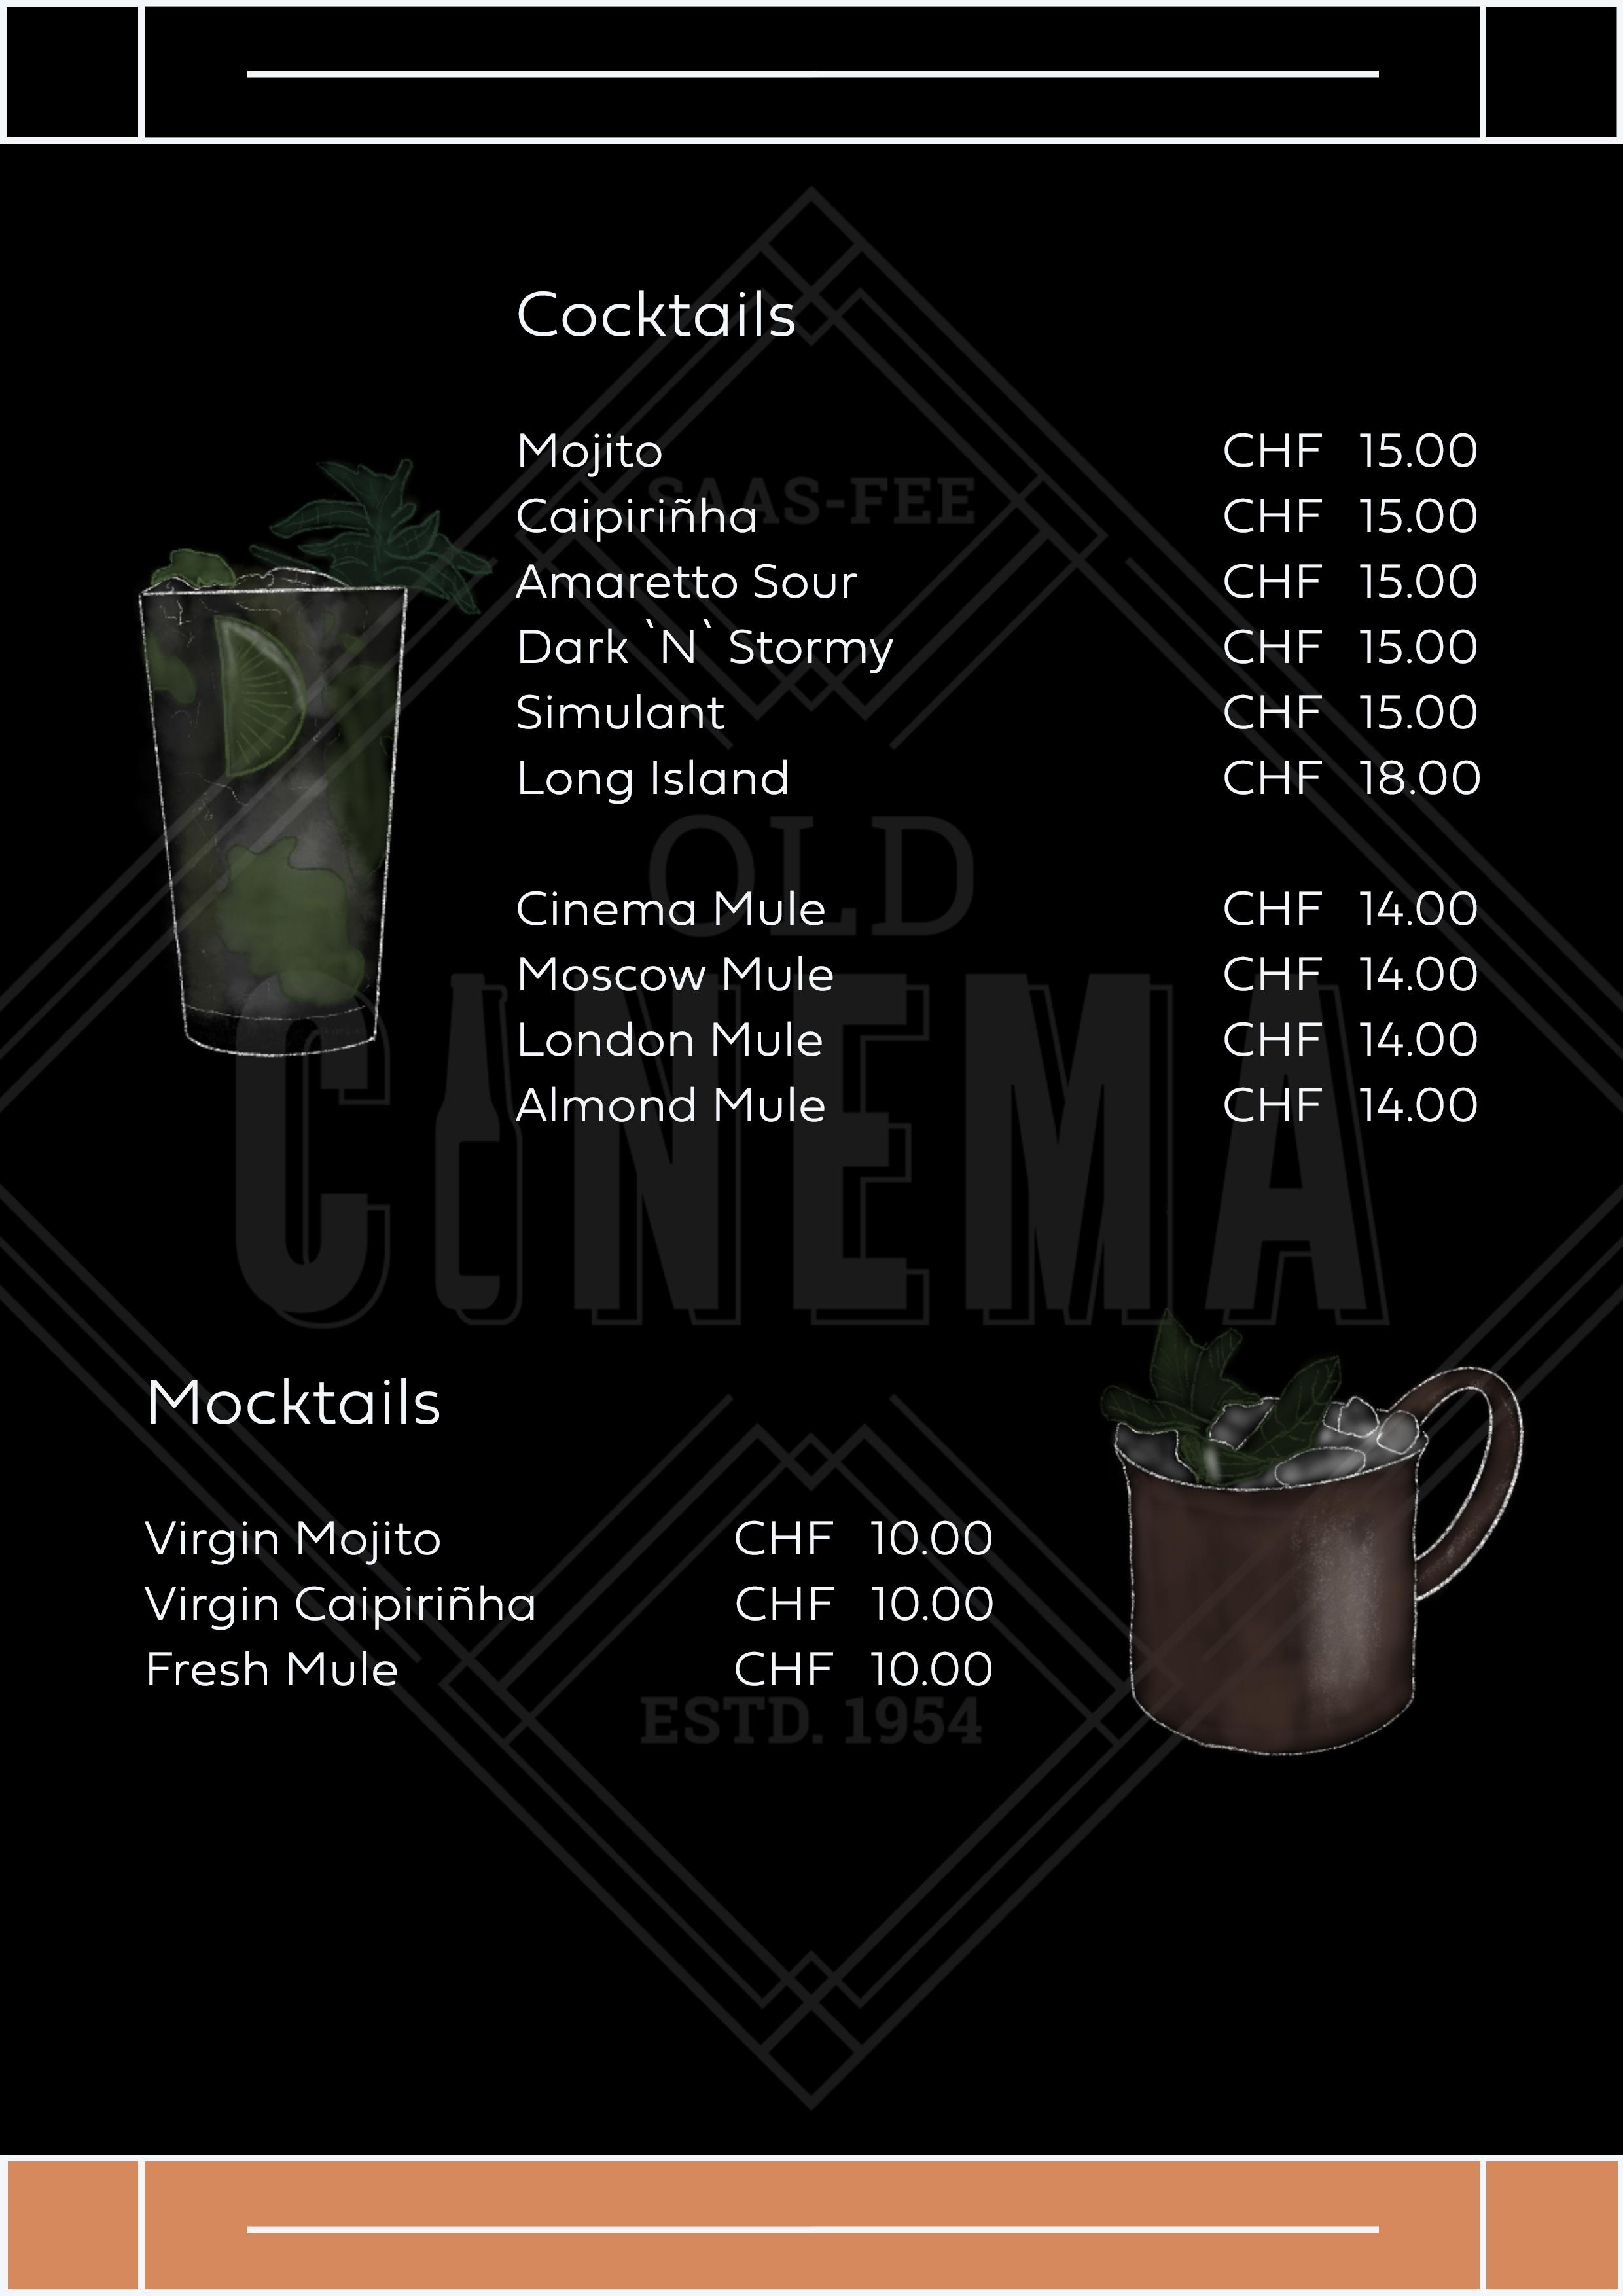 Cocktails_Mocktails_Page.jpg